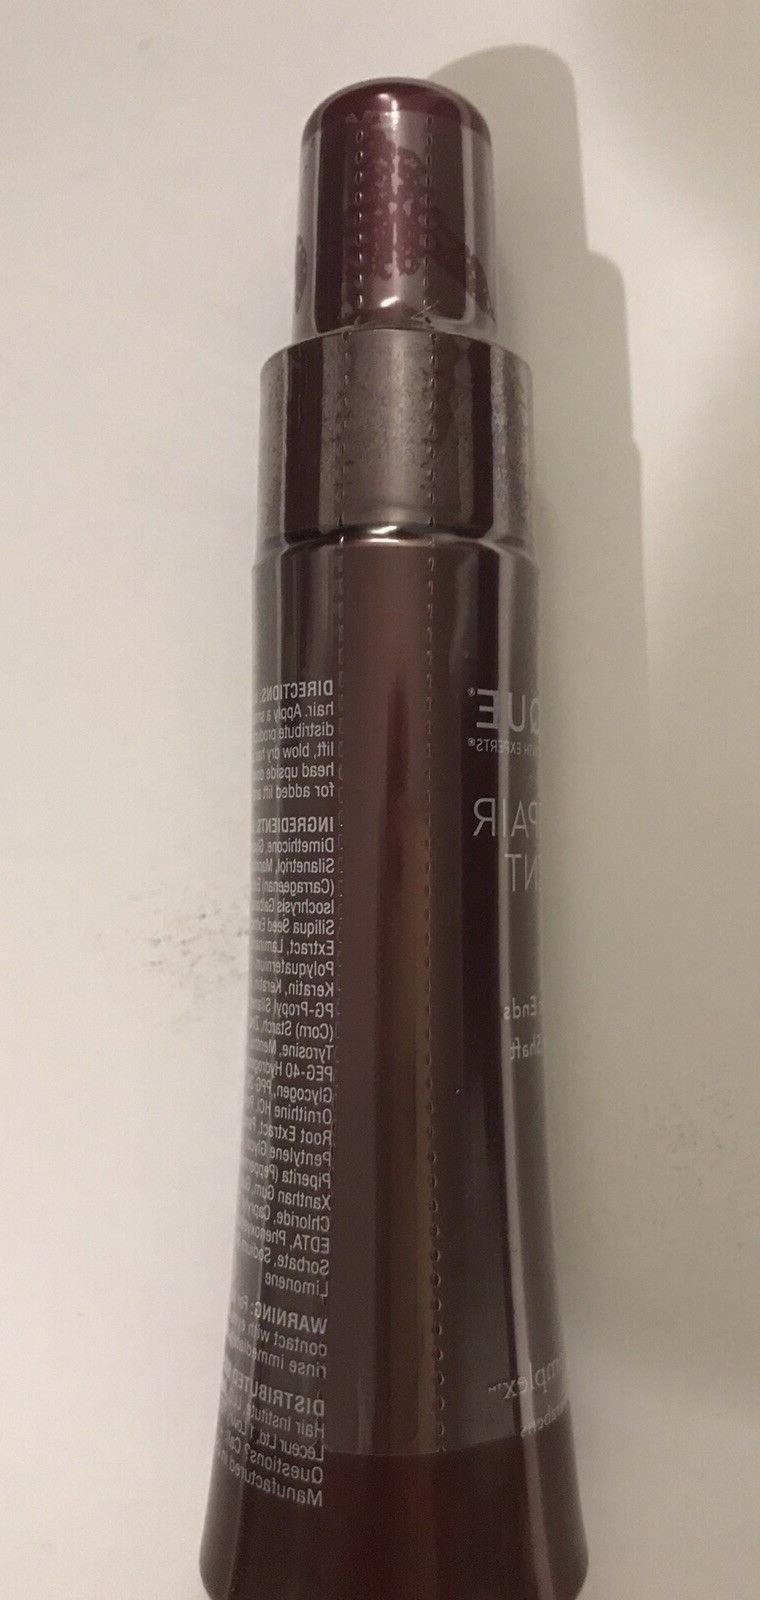 Keranique Repair Treatment Spray 3.4 NEW